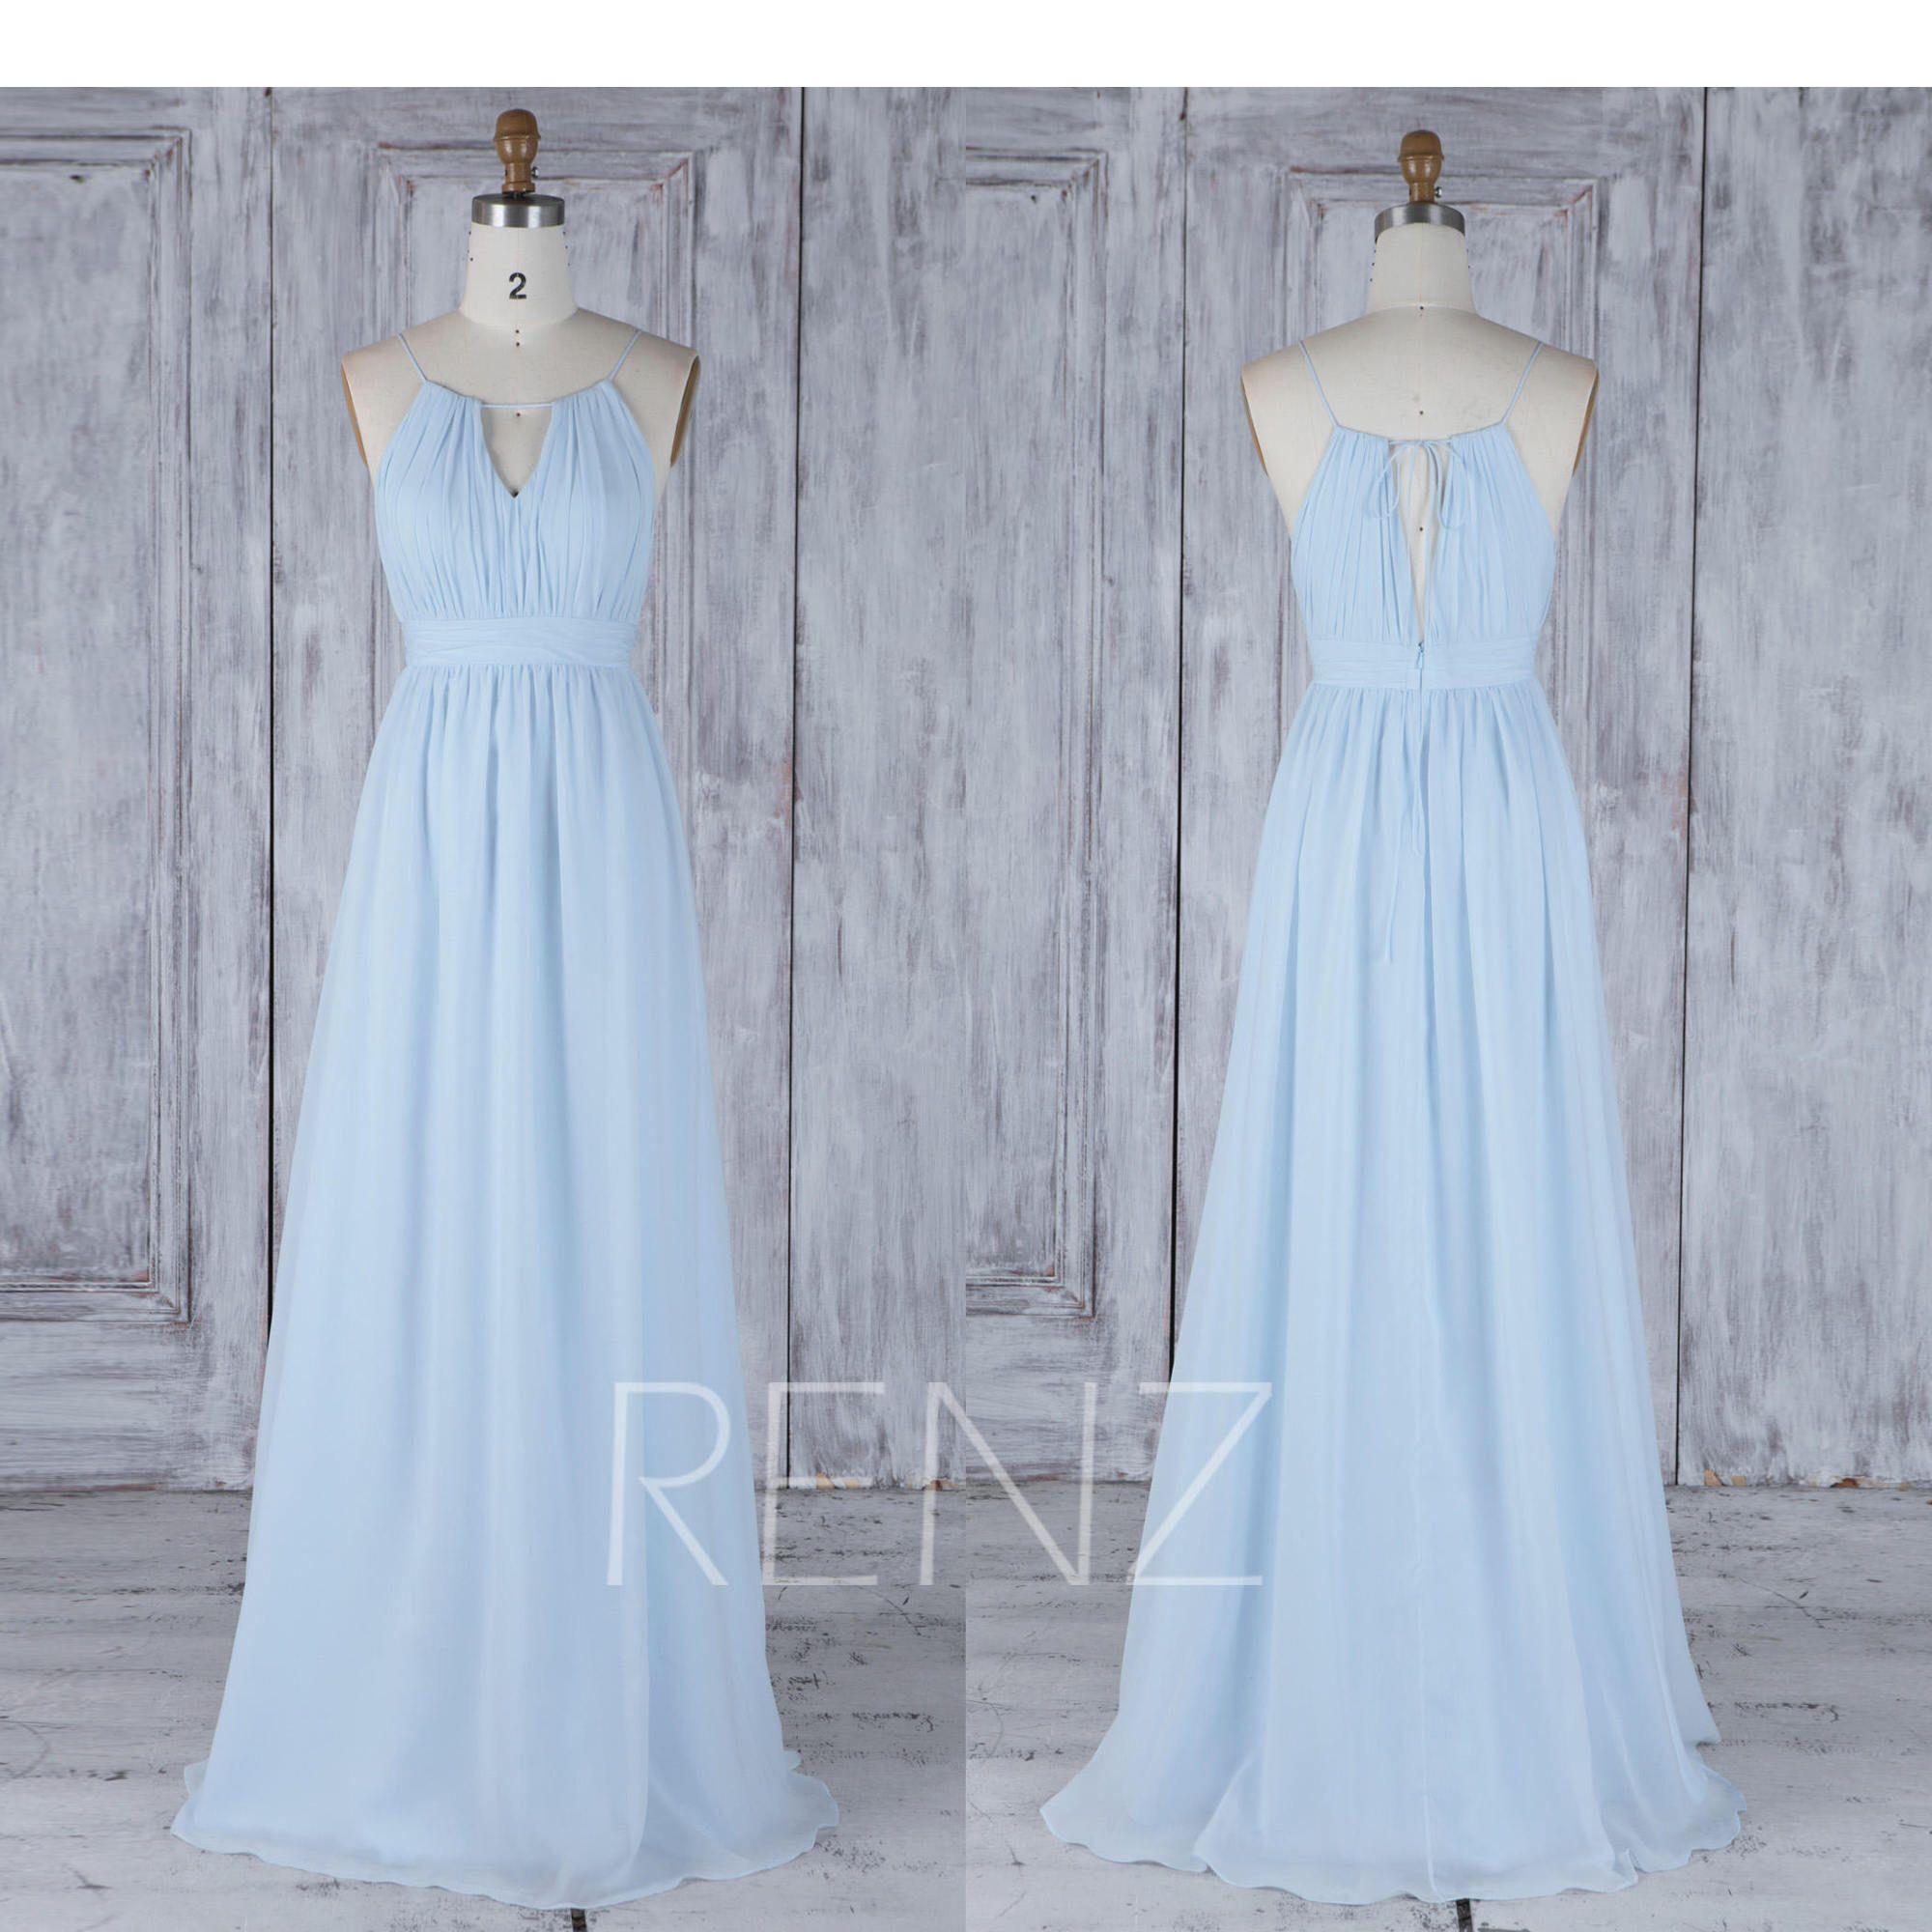 collections bridesmaid desert dress kennedy rose blue desertrose dresses caitlin light lighting designer